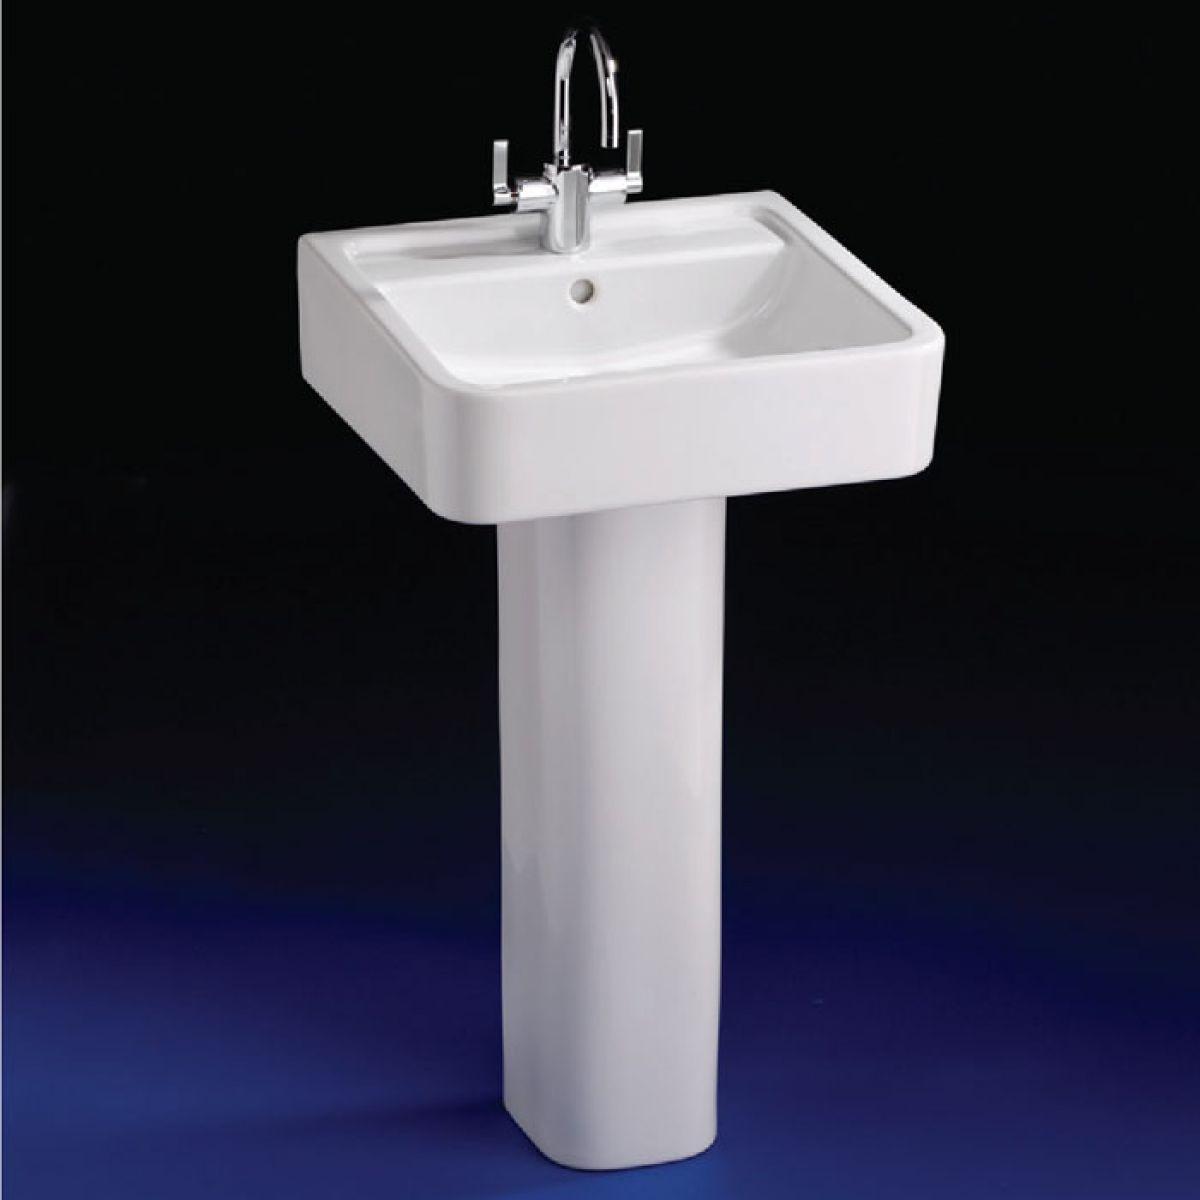 ideal standard white 50cm cube basin uk bathrooms. Black Bedroom Furniture Sets. Home Design Ideas